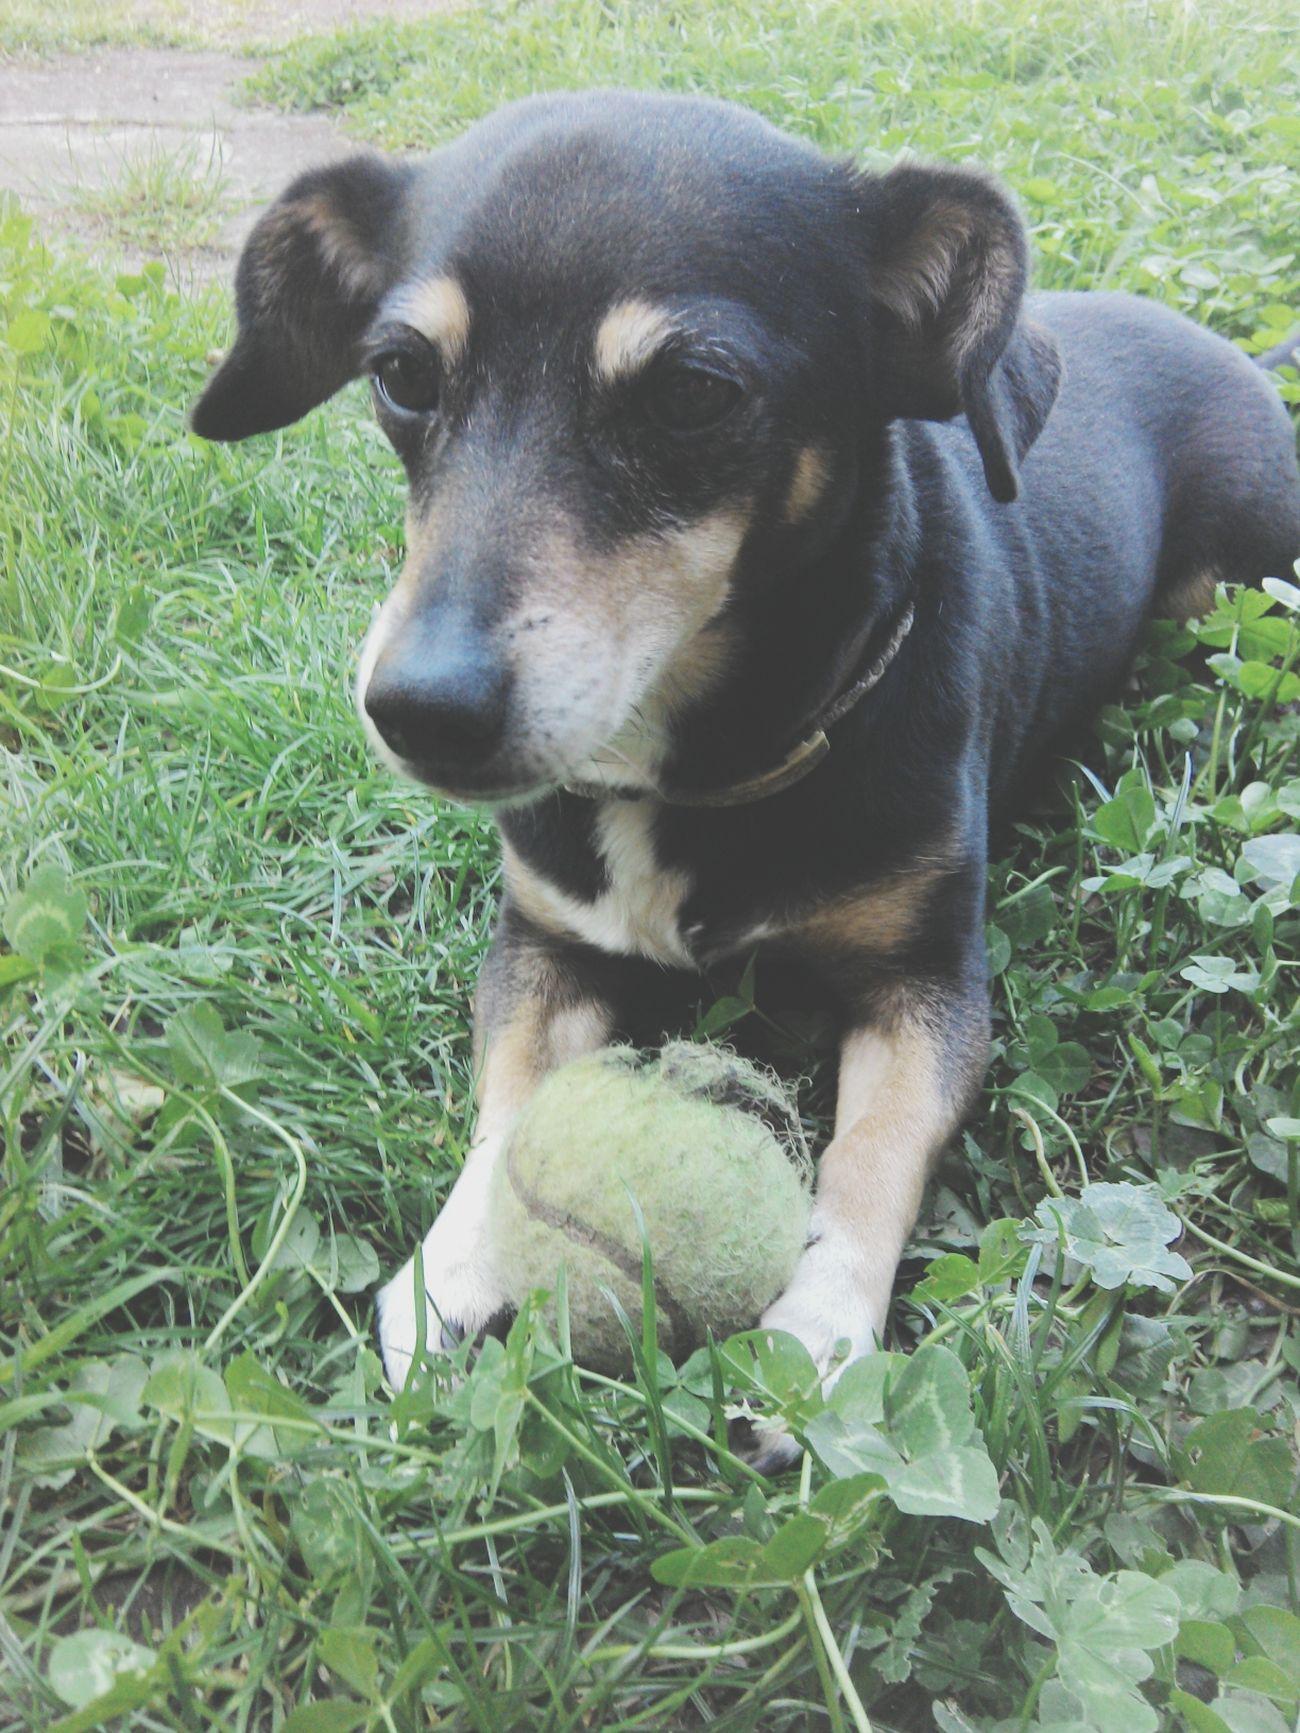 Mon chien ? Dans doute le beau beau du monde! Depuis toute petite je l'ai avec moi, personne ne pourras me l'enlevé. :3